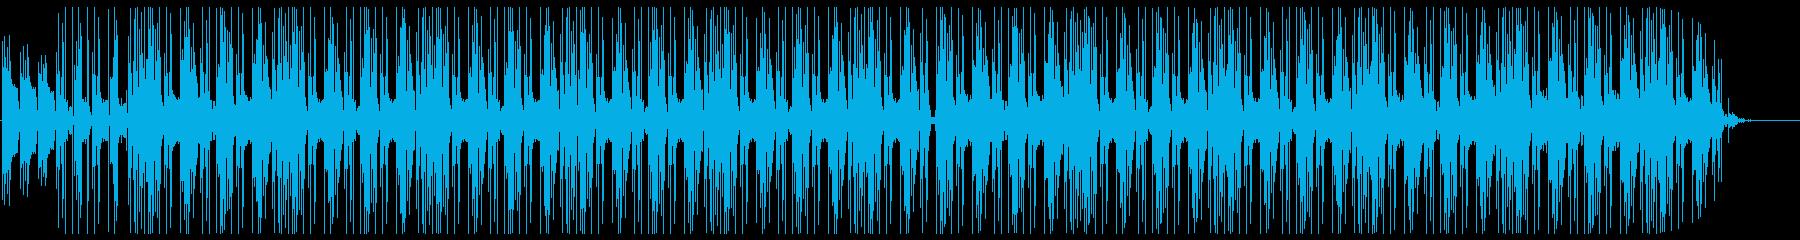 オシャレで浮遊感のあるトラップビートの再生済みの波形